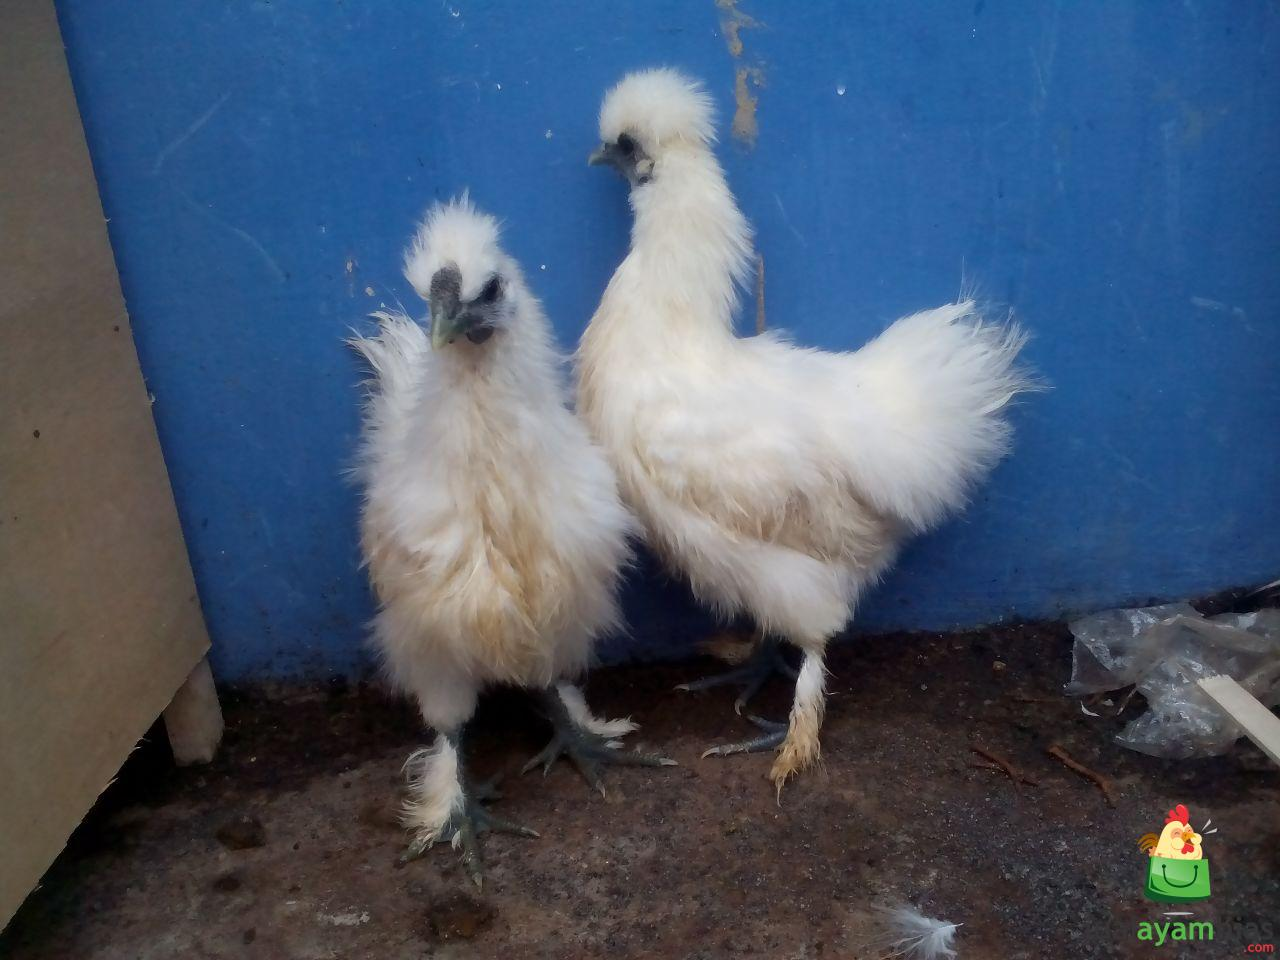 Jual Ayam Kapas dari Bibit Sampai Dewasa Siap di Ternakan